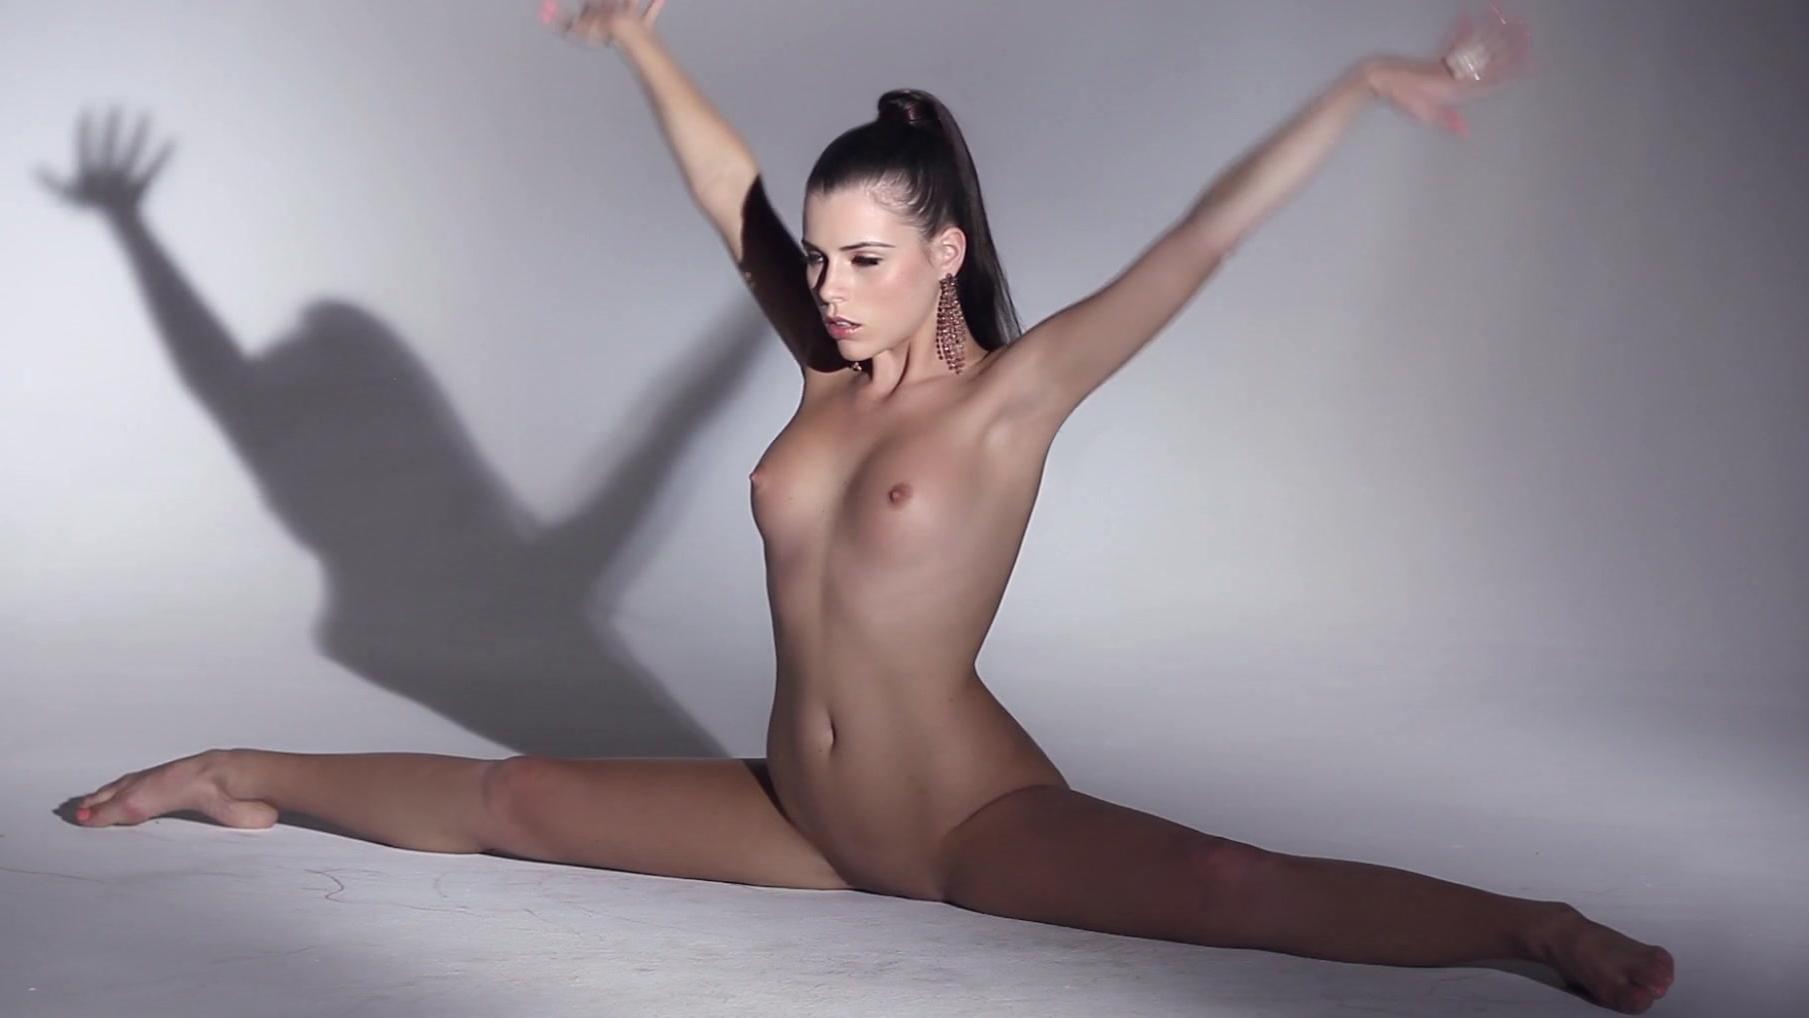 Aleksa slusarchi порно онлайн